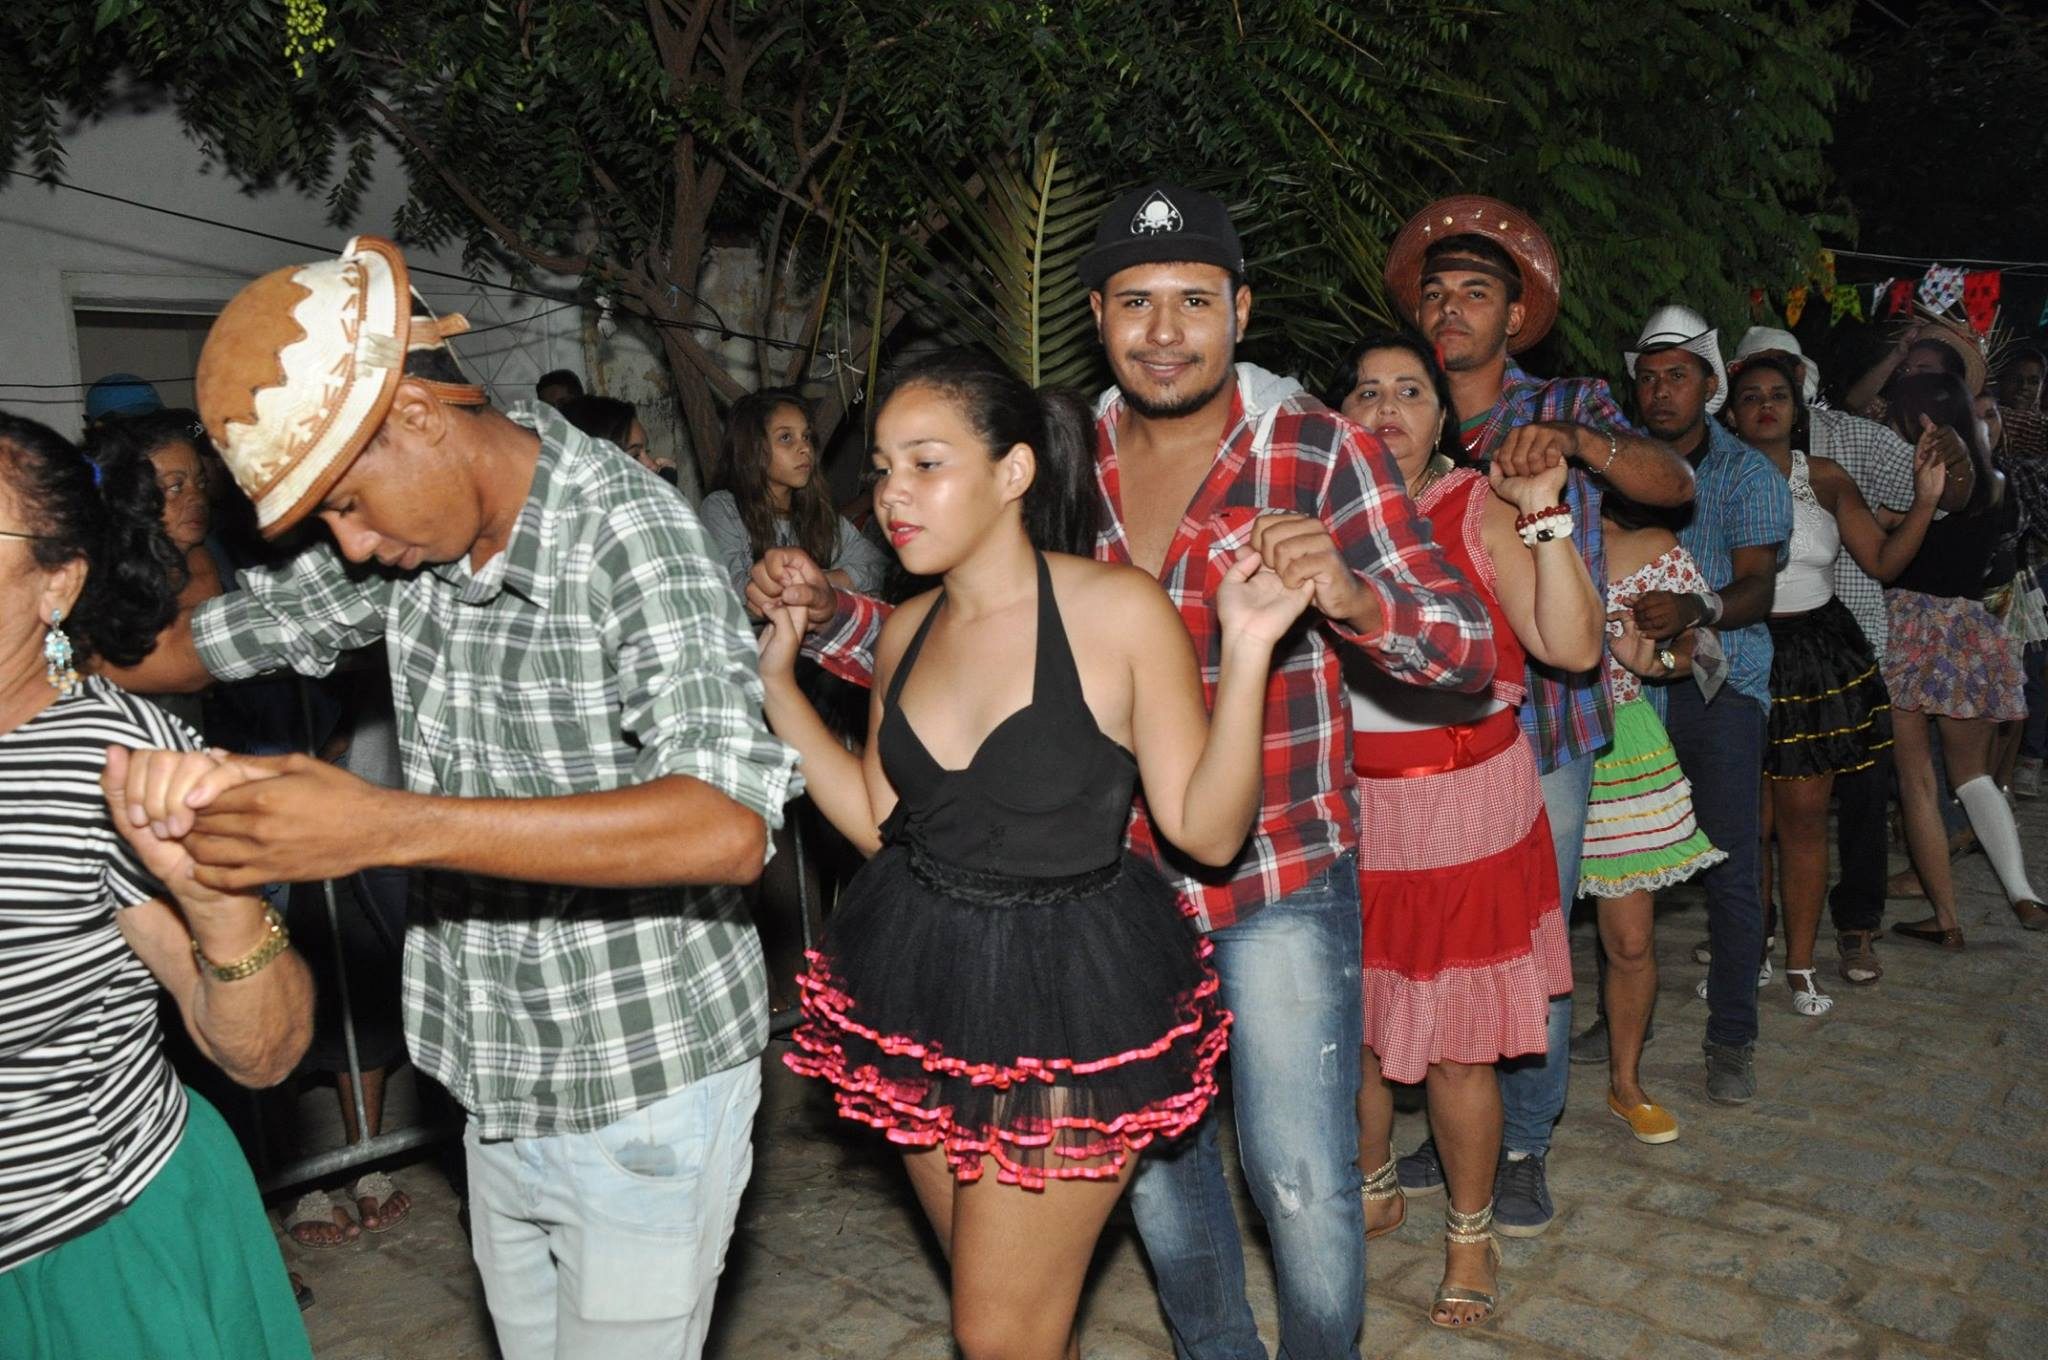 19095637_1899330377006819_4234978493758499597_o-1024x680 OPIPOCO mostra como foi a Segunda noite do festival de quadrilhas em Monteiro. Confira Imagens